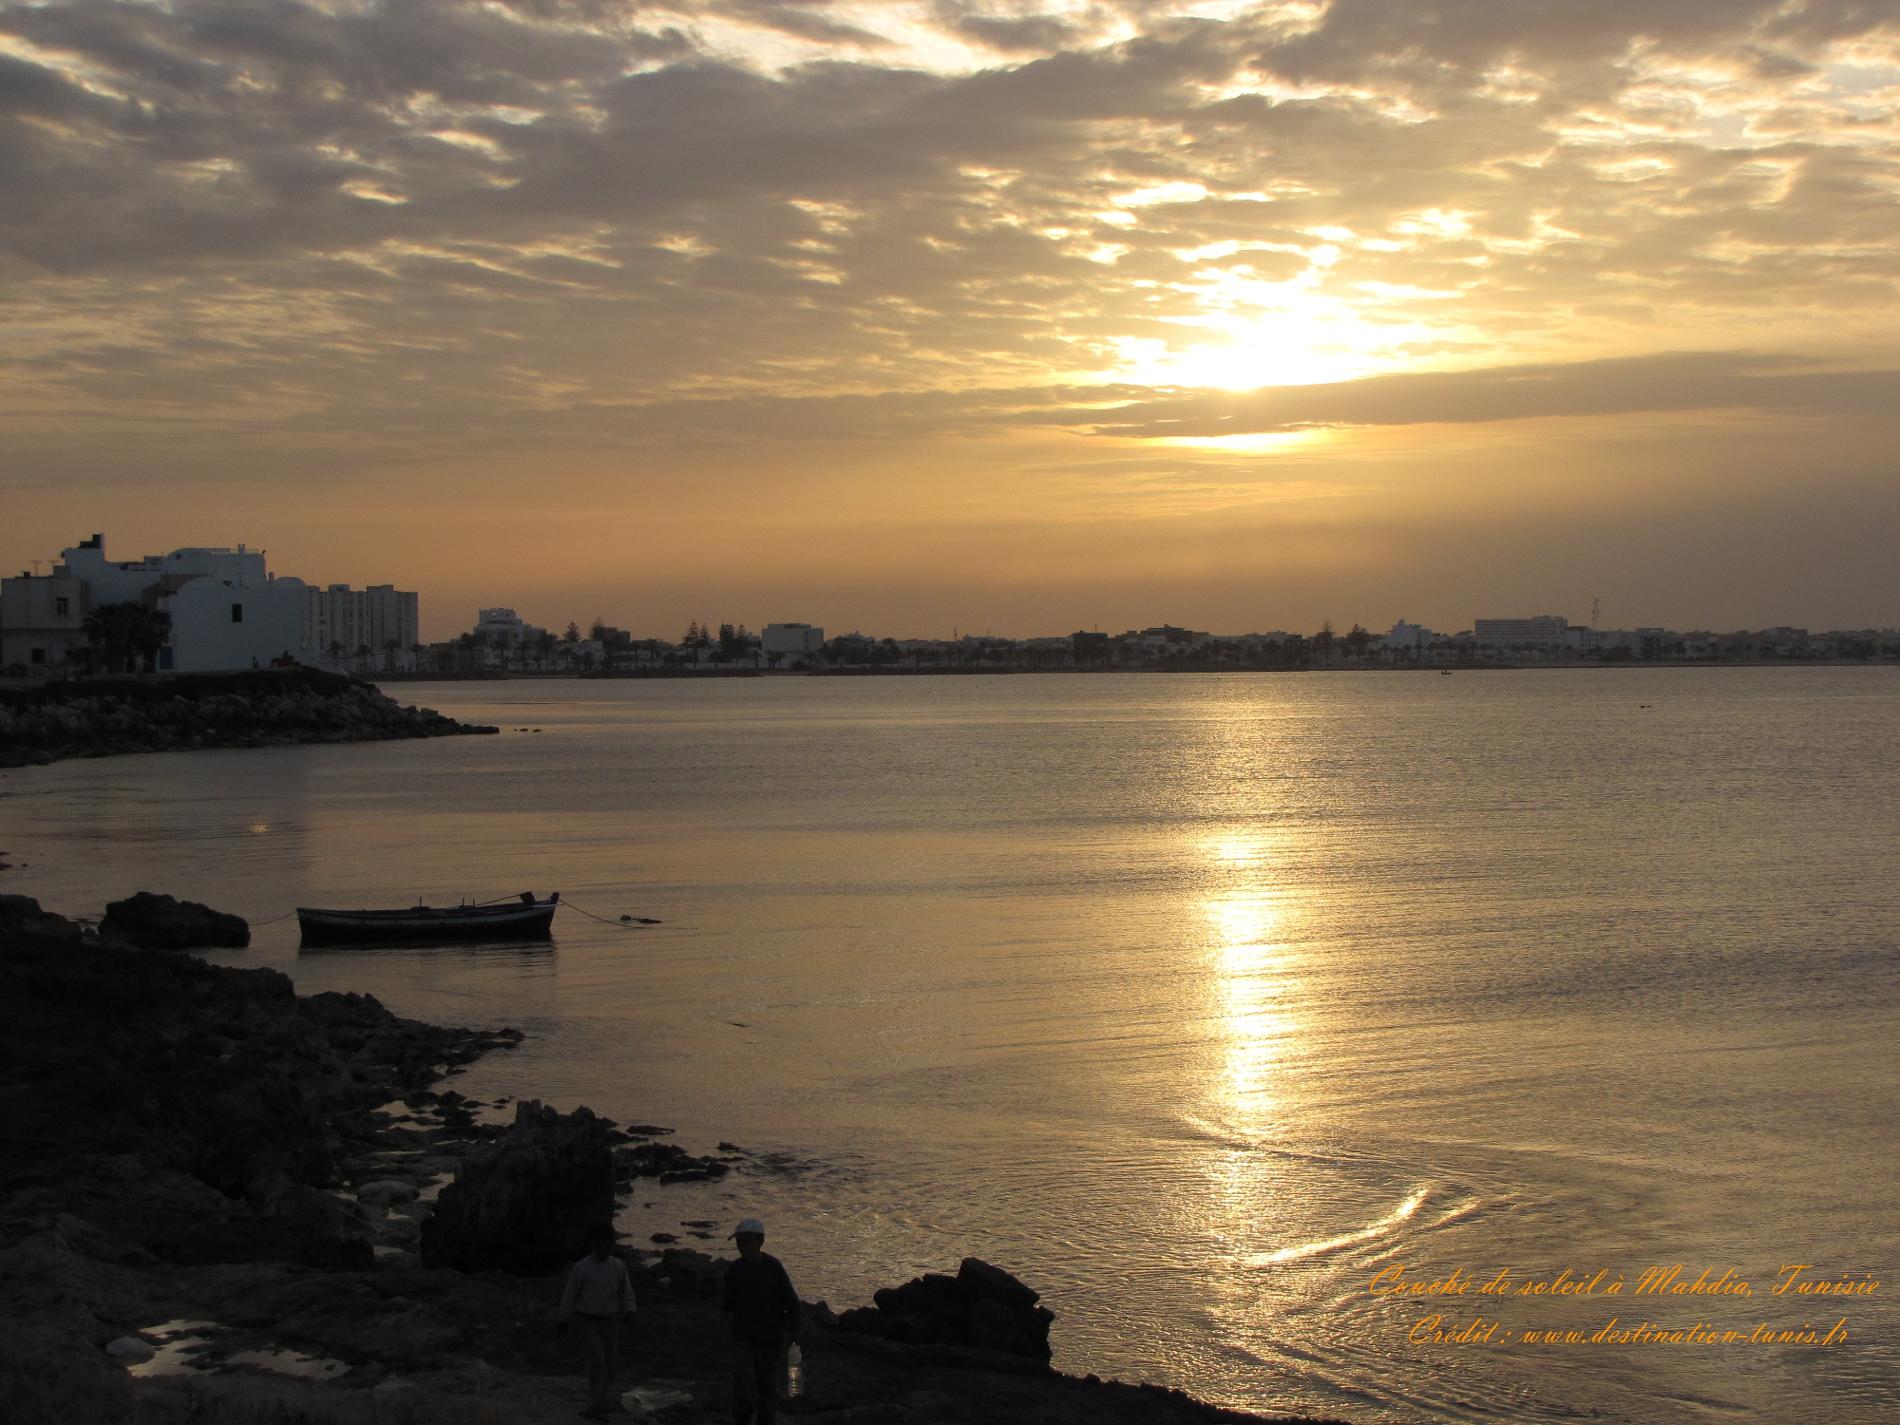 Fond d'écran Coucher de soleil Mahdia Tunisie